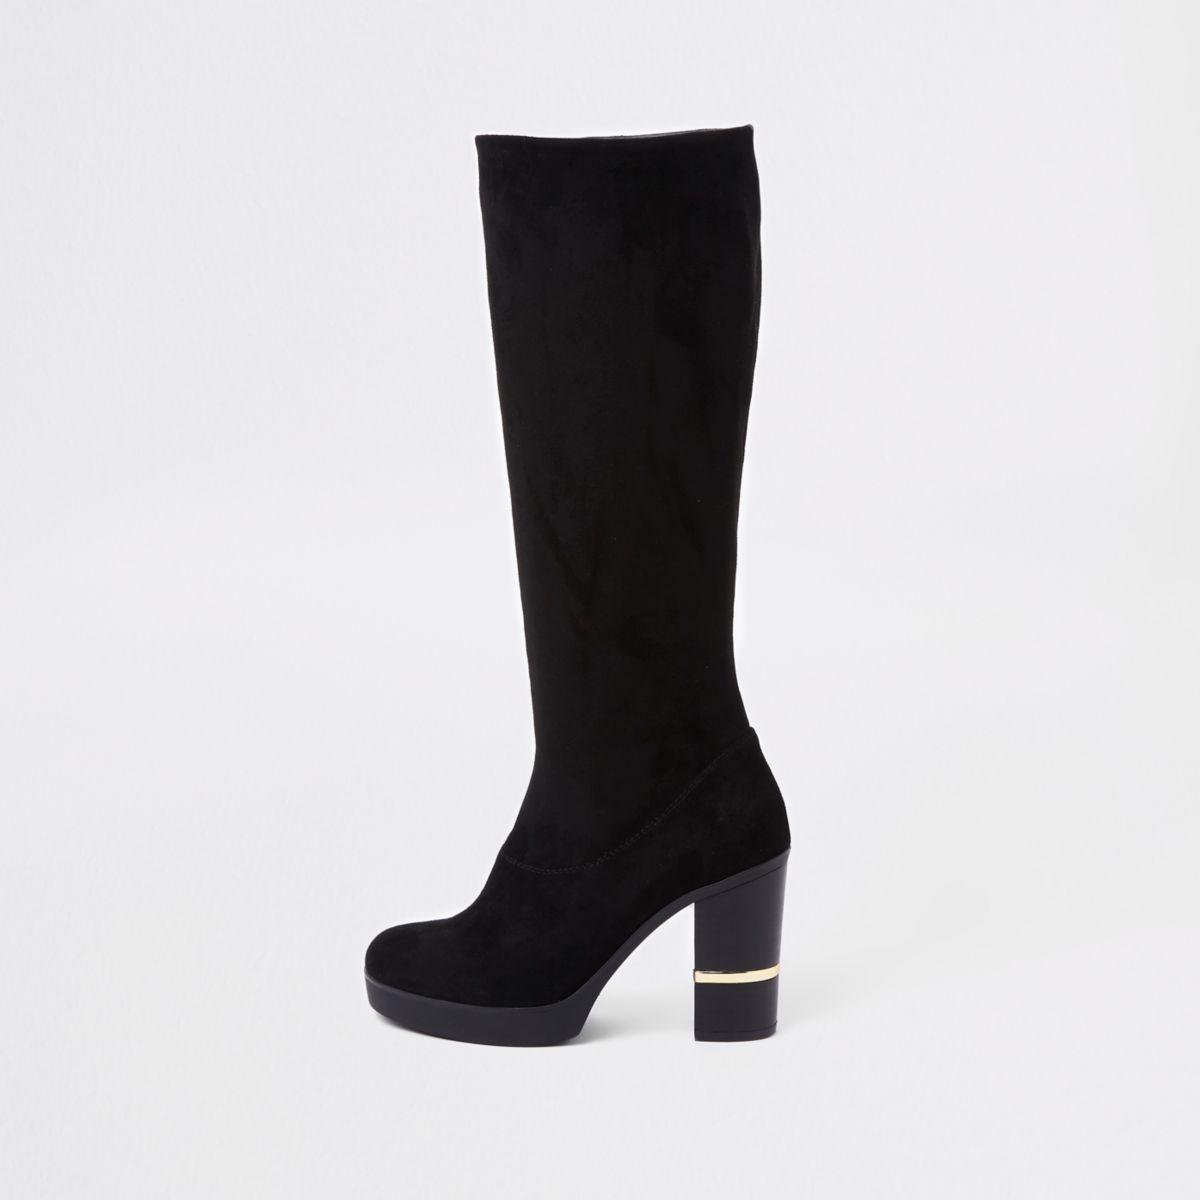 Black faux suede block heel knee high boots